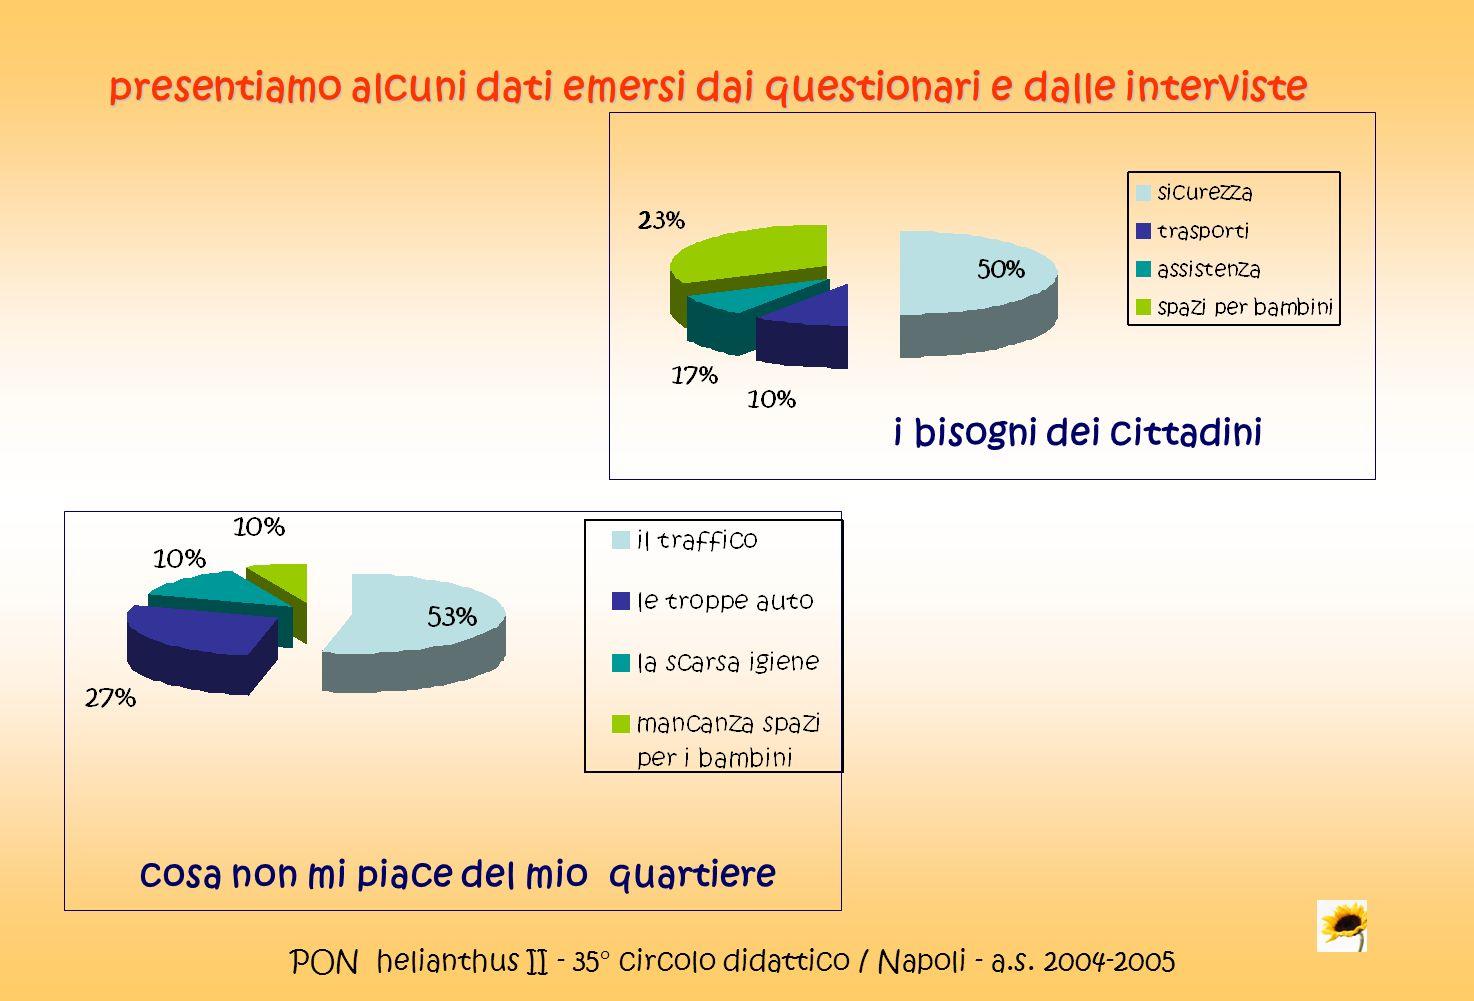 PON helianthus II - 35° circolo didattico / Napoli - a.s. 2004-2005 presentiamo alcuni dati emersi dai questionari e dalle interviste cosa non mi piac